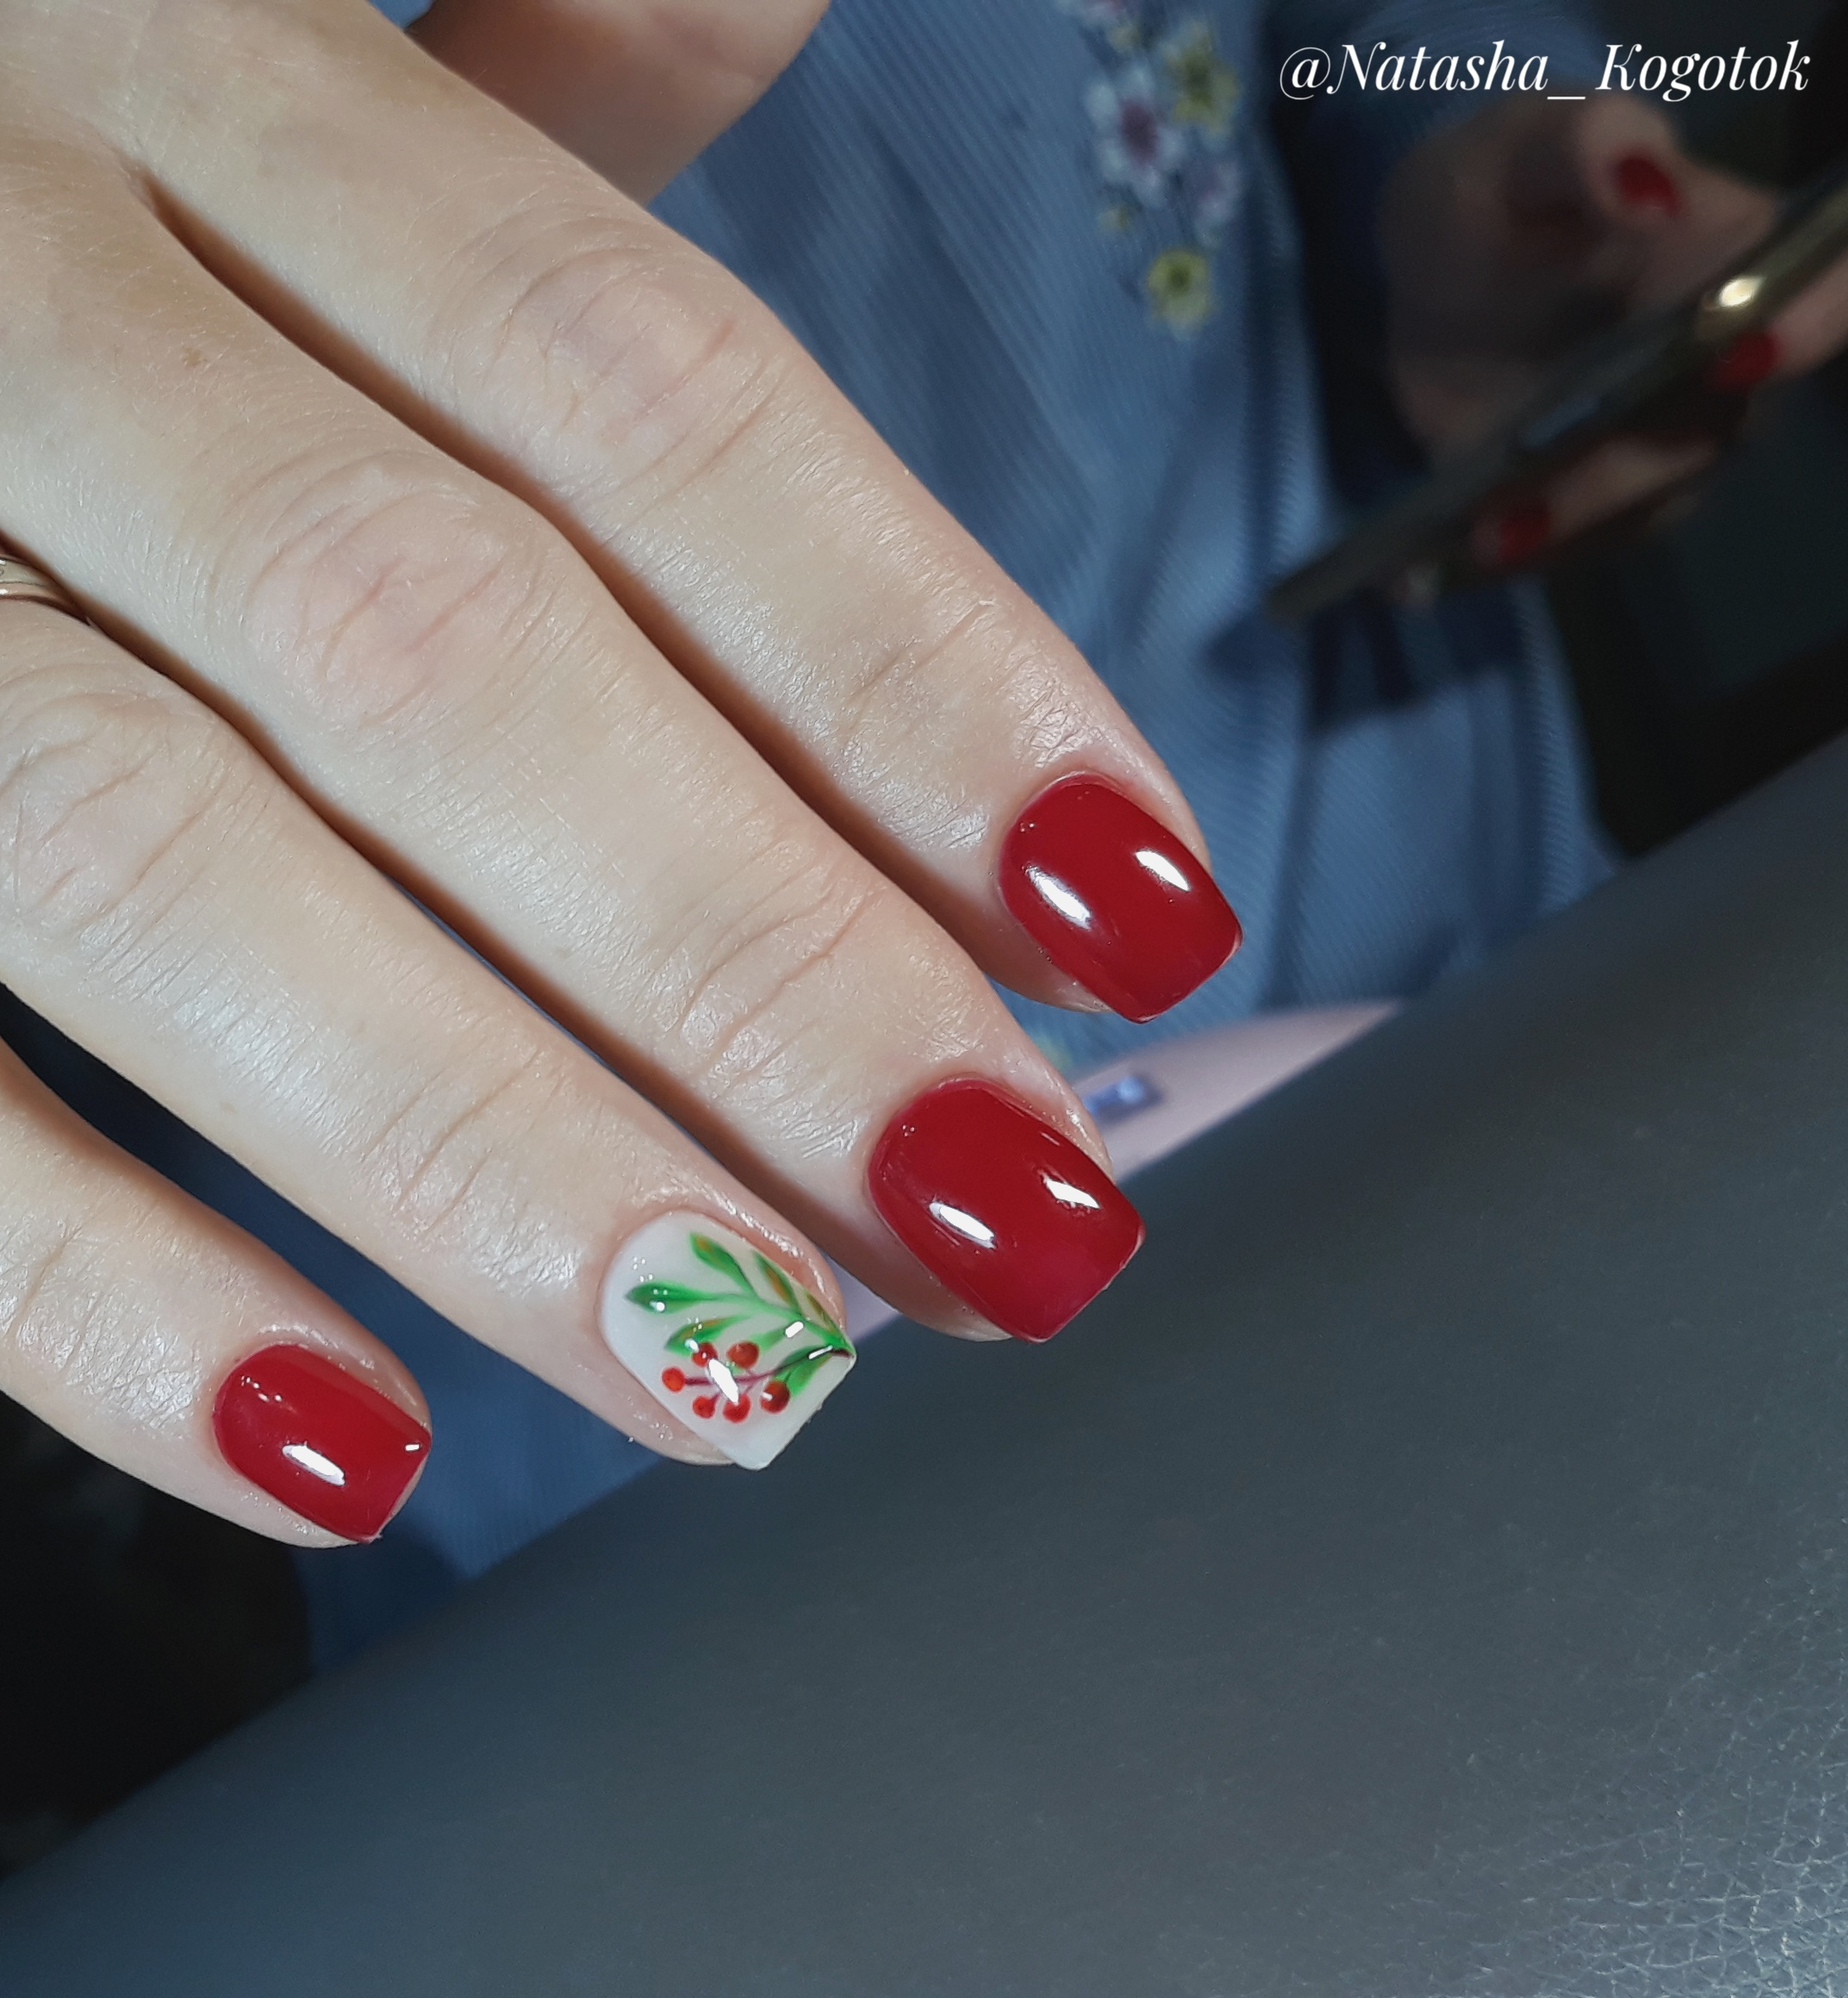 Маникюр с растительным рисунком в темно-красном цвете на короткие ногти.